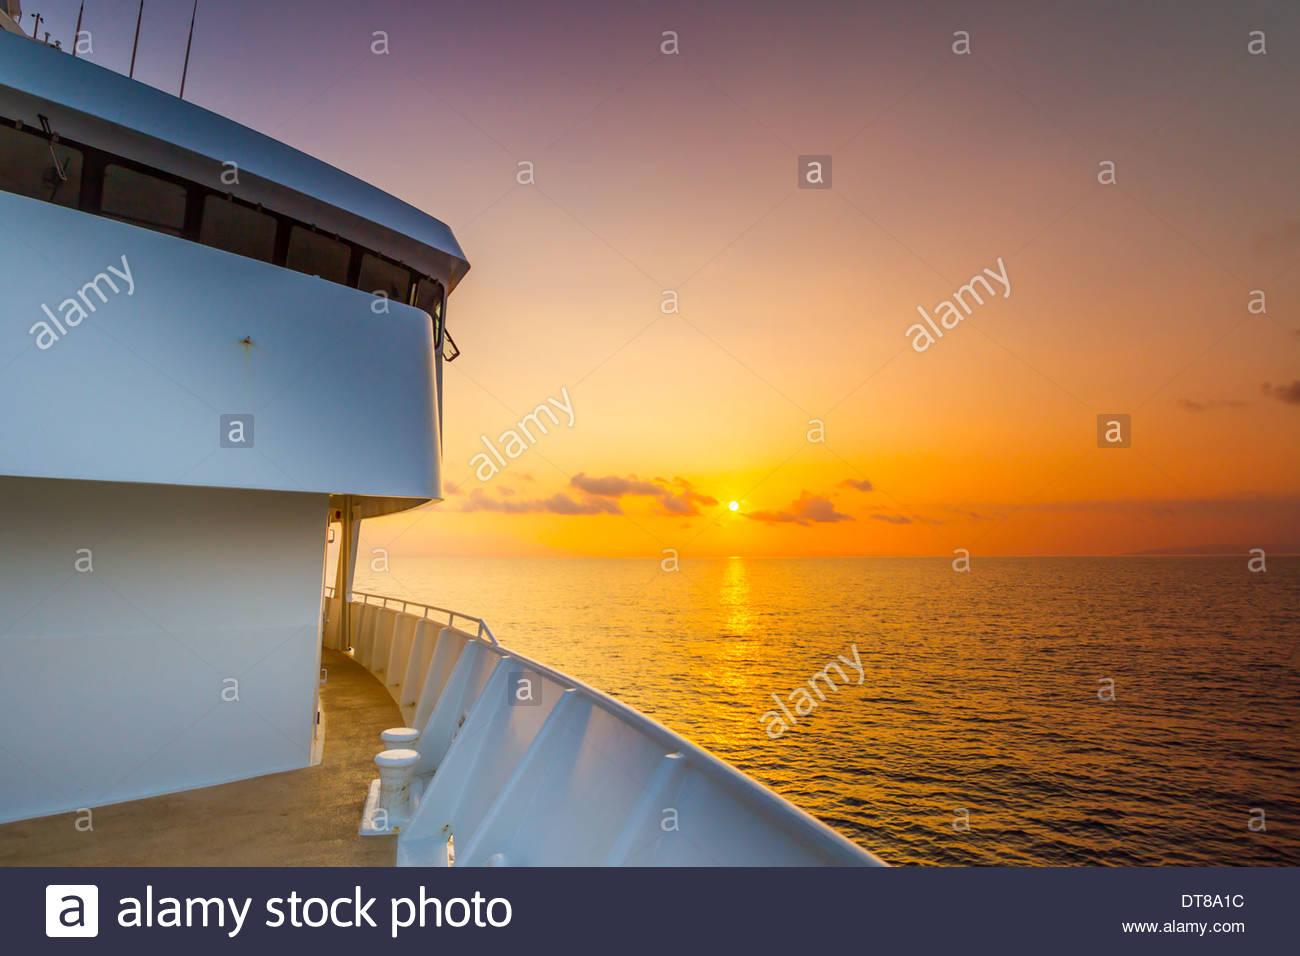 Morning Over Maui, Hawaii, USA - Stock Image